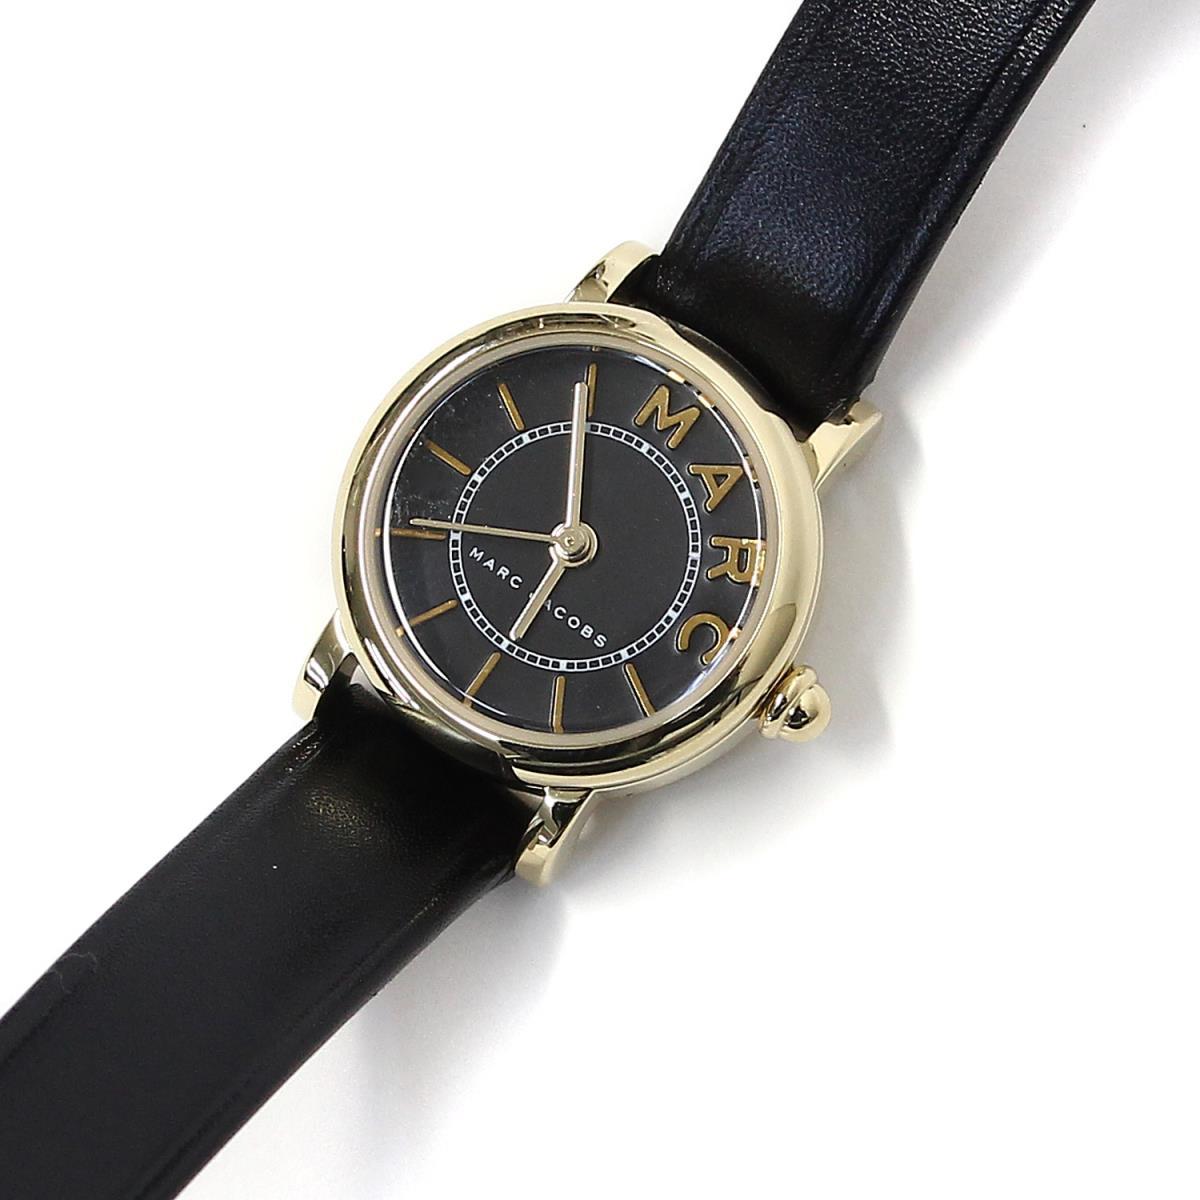 MARC JACOBS(マークジェイコブス) クォーツ CLASSIC 腕時計 20mm レザー MJ1585 ブラック×ゴールド 【レディース】【K2128】【中古】【美品】